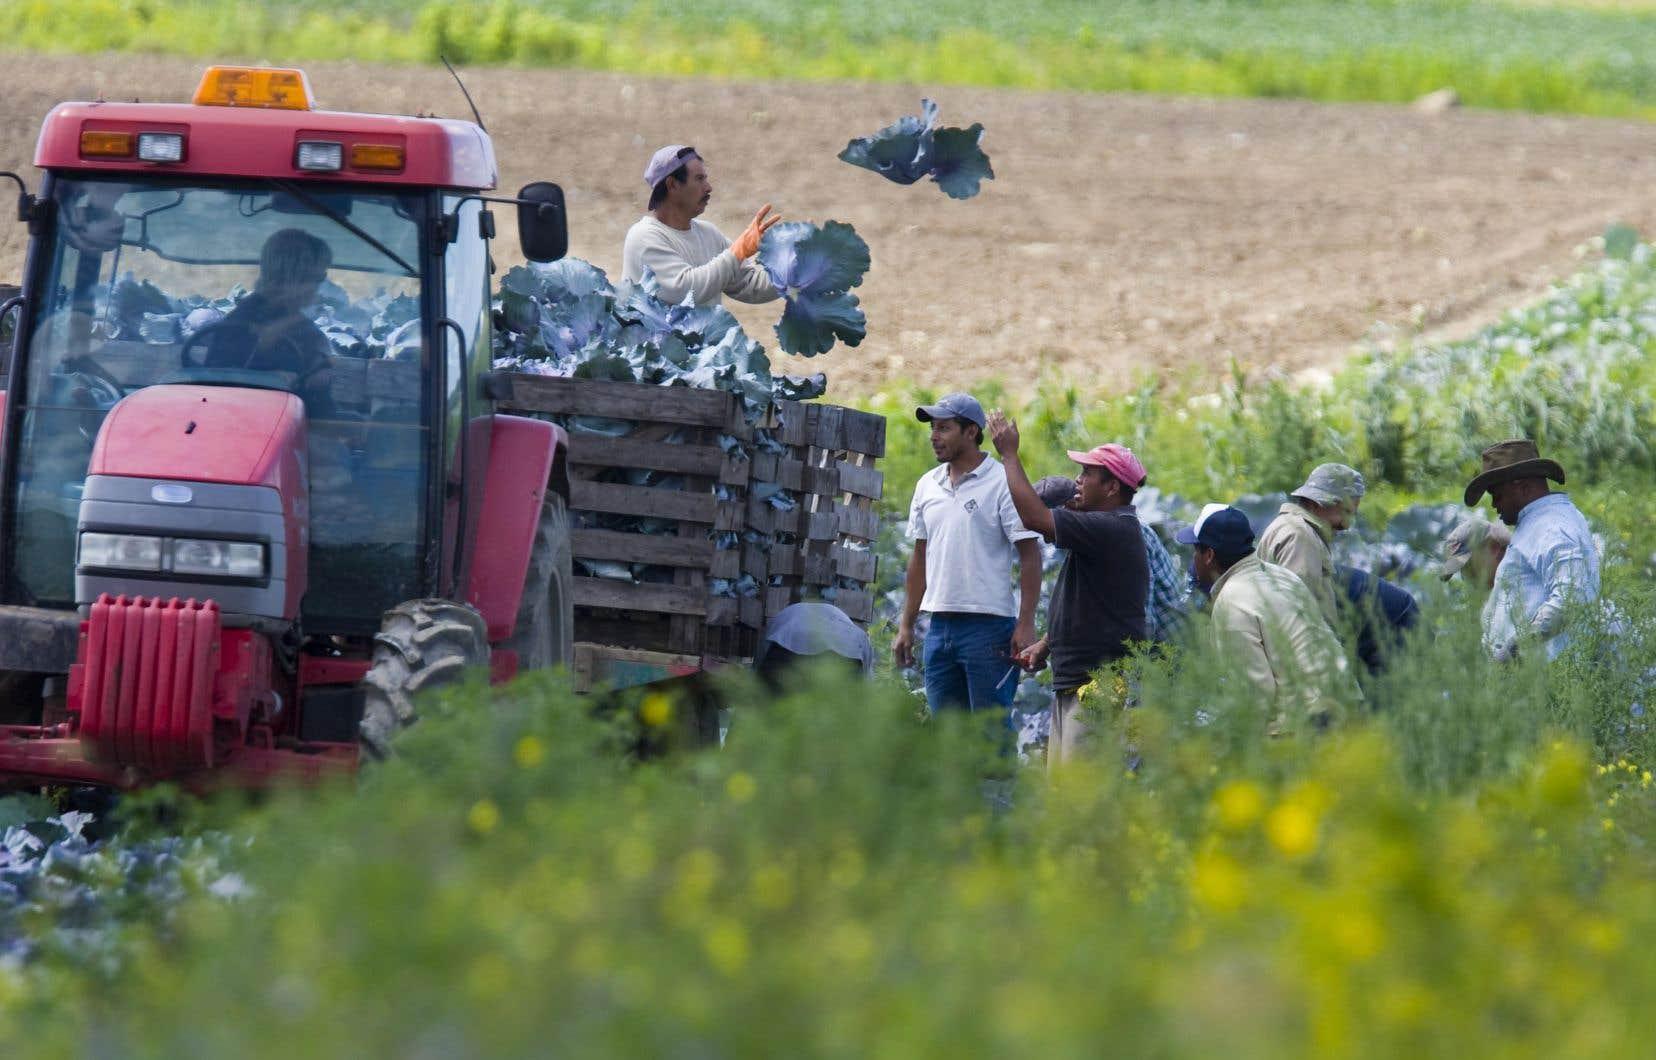 En 2018, pas moins de 15399 travailleurs étrangers temporaires ont rejoint les équipes de plus de 1200 entreprises agricoles au Québec. On estime qu'en 2029, le déficit de main-d'œuvre dans ce domaine s'élèvera à 19000 postes.